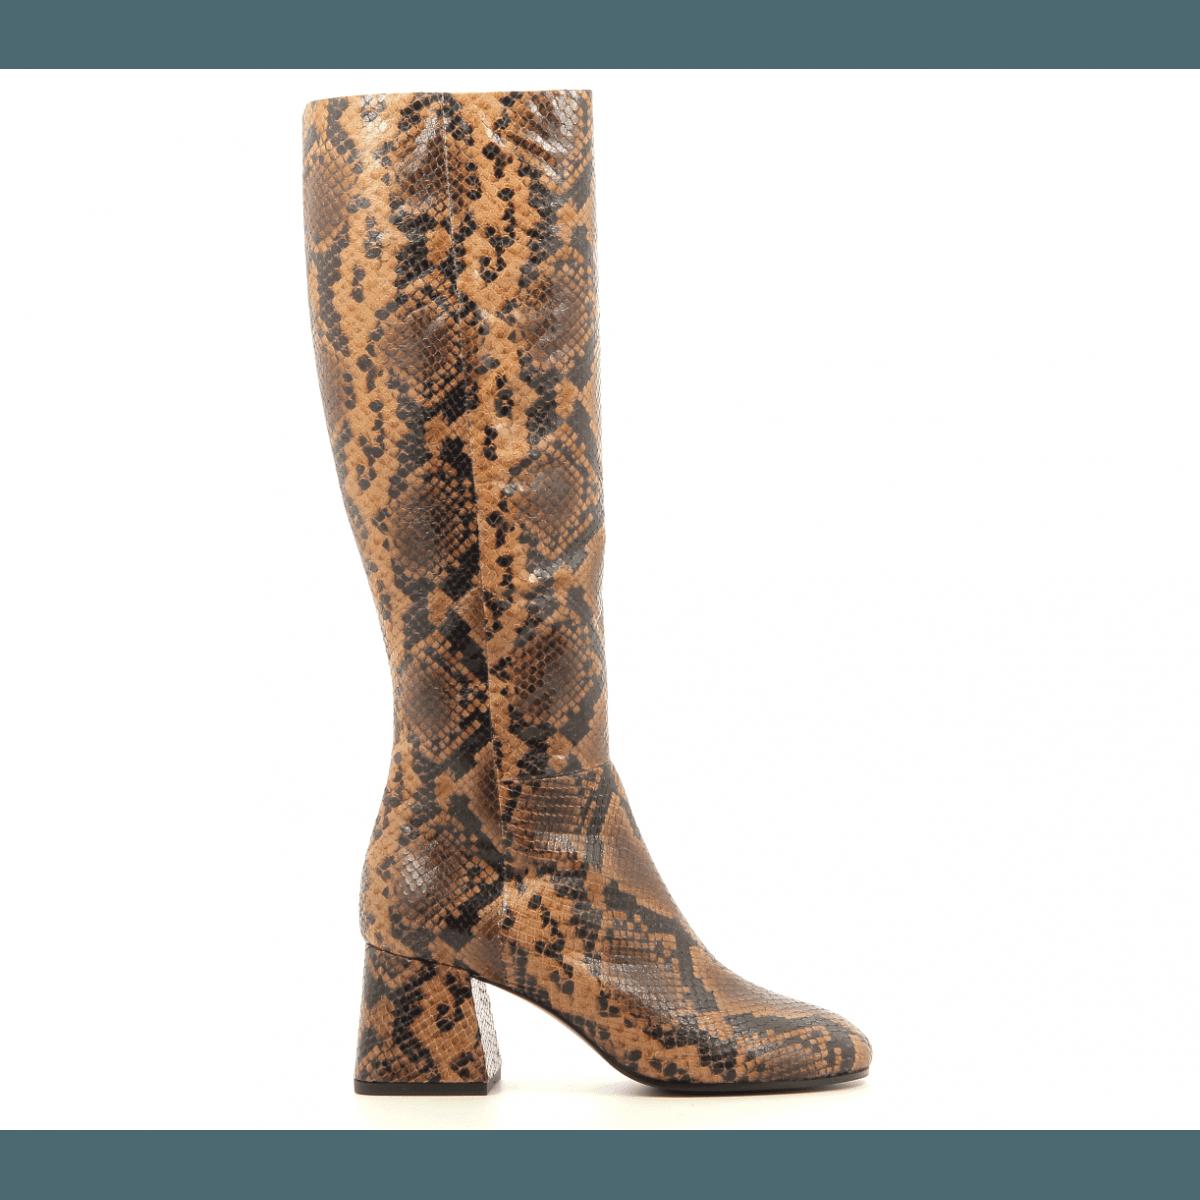 Bottes en cuir estampillé serpent Vic Matie - 7928D